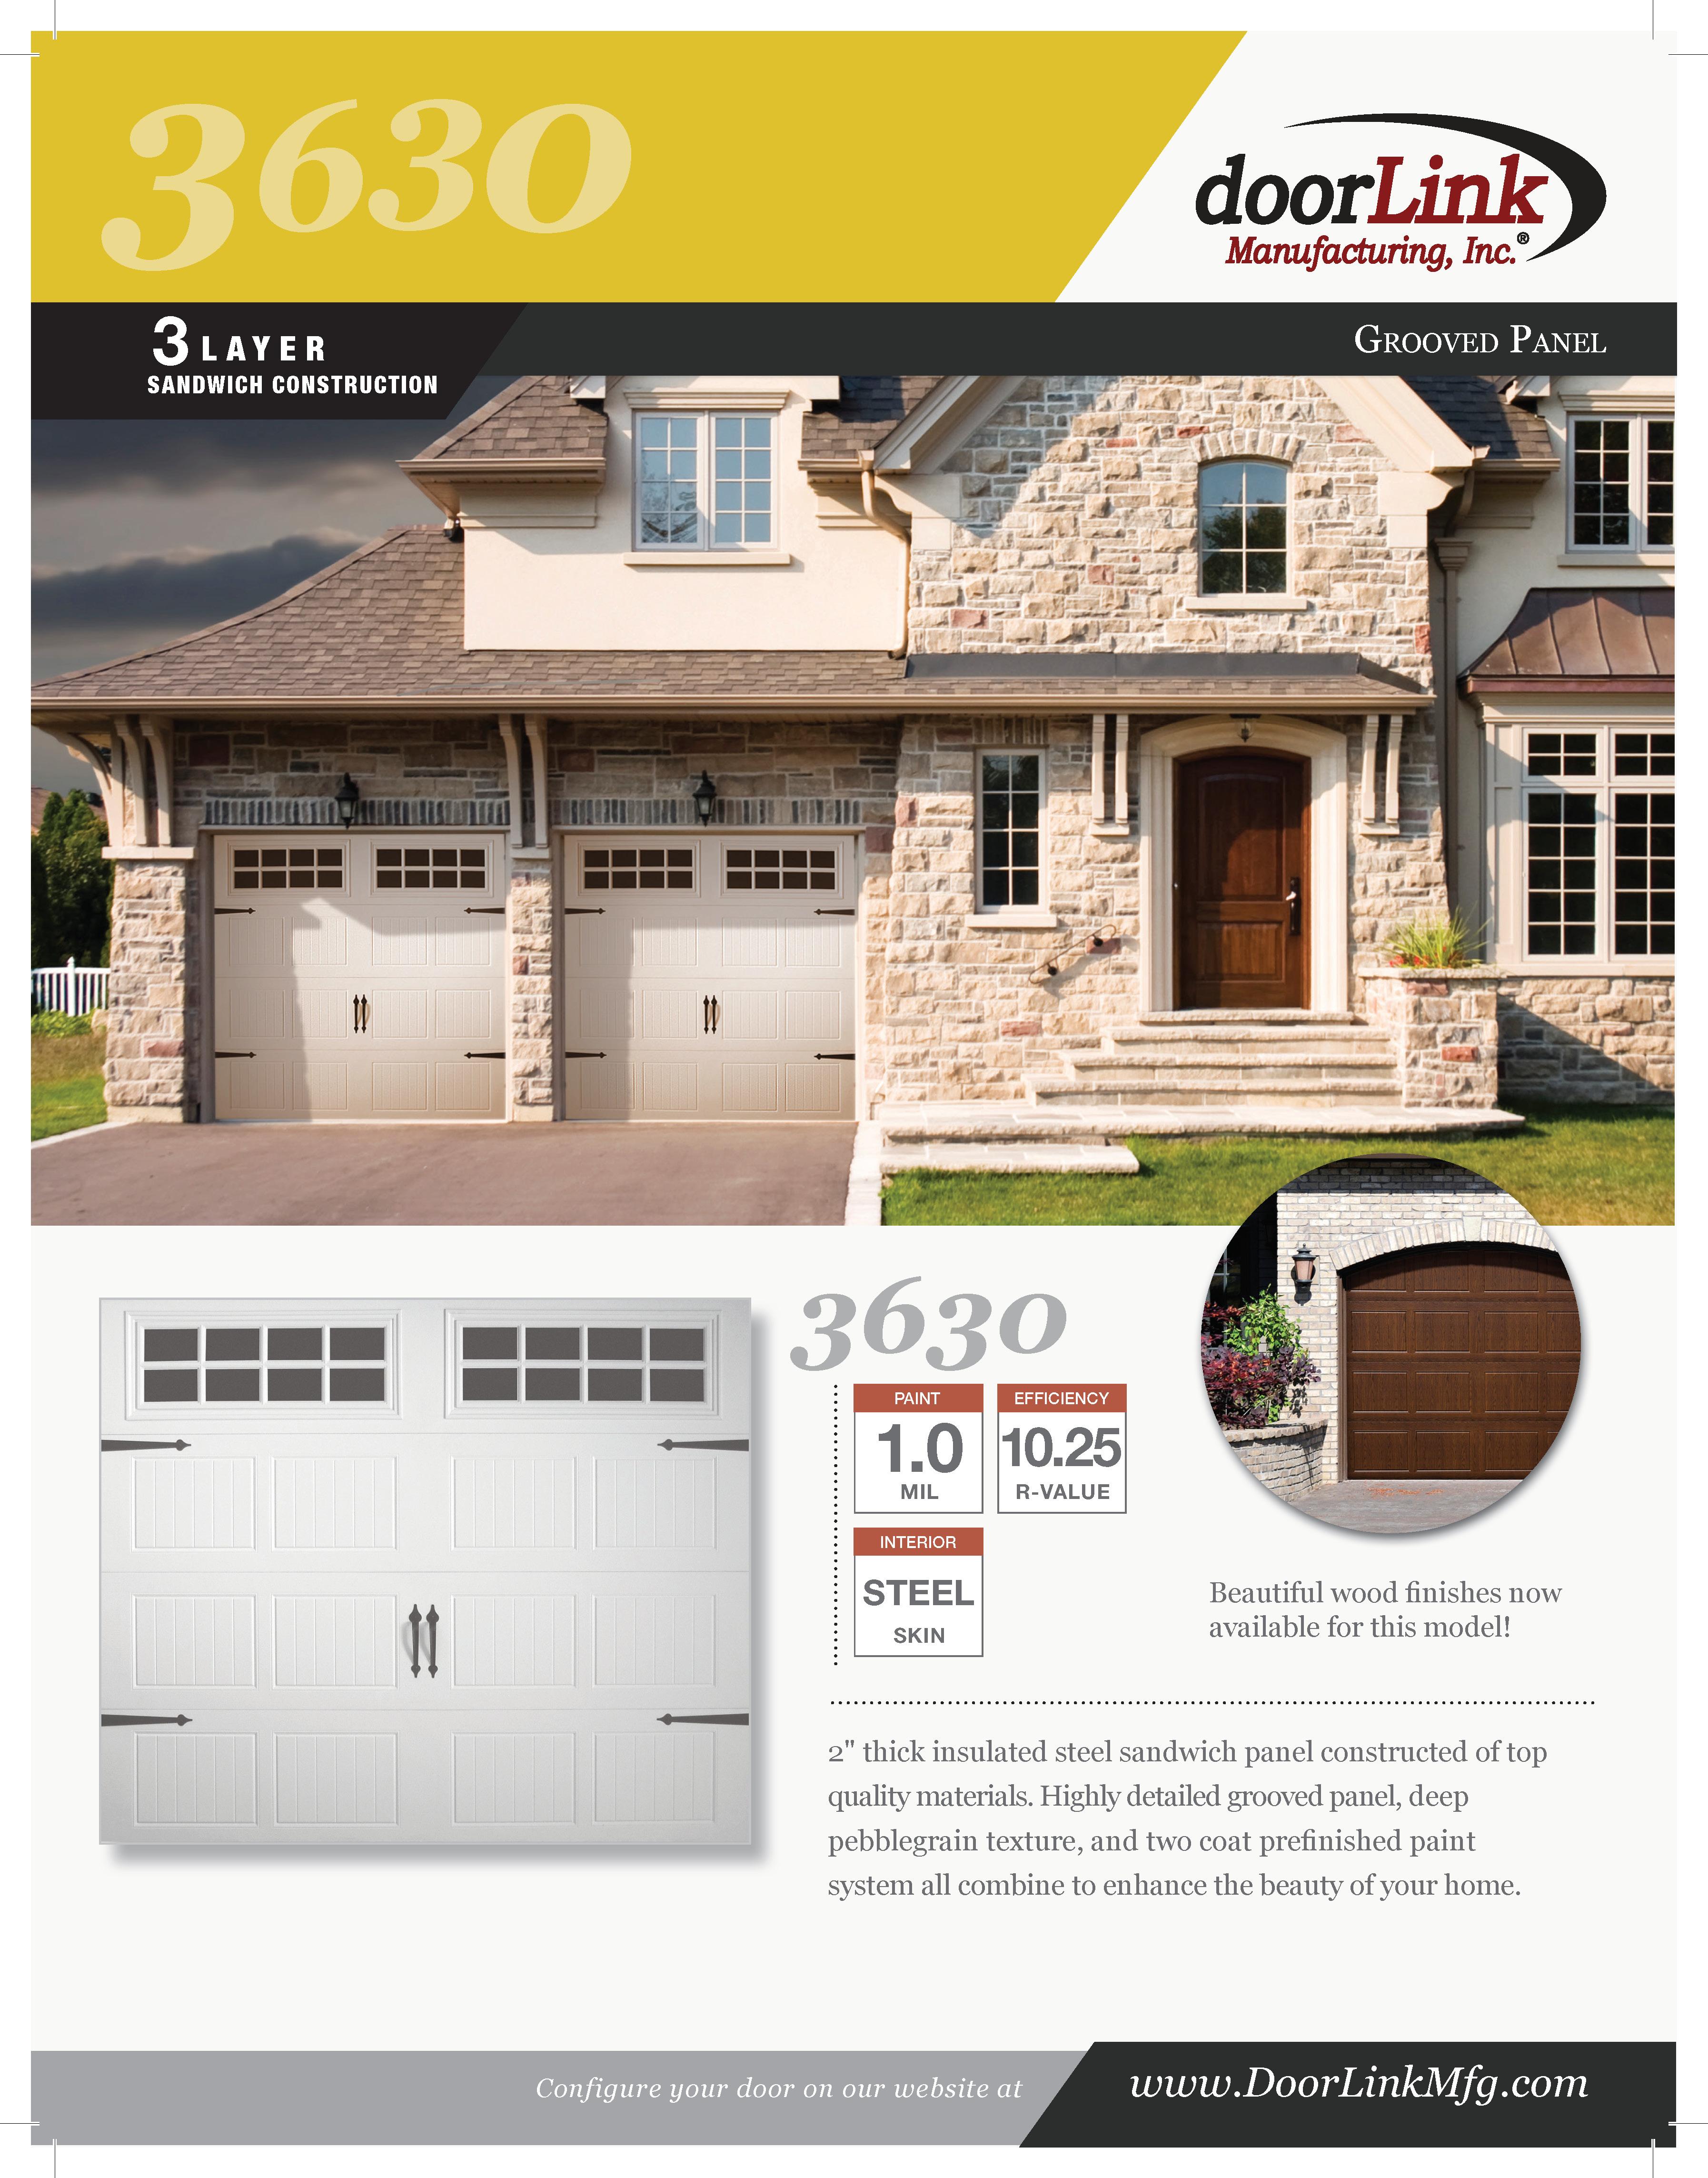 Doorlink-Brochure-3630_Page_1